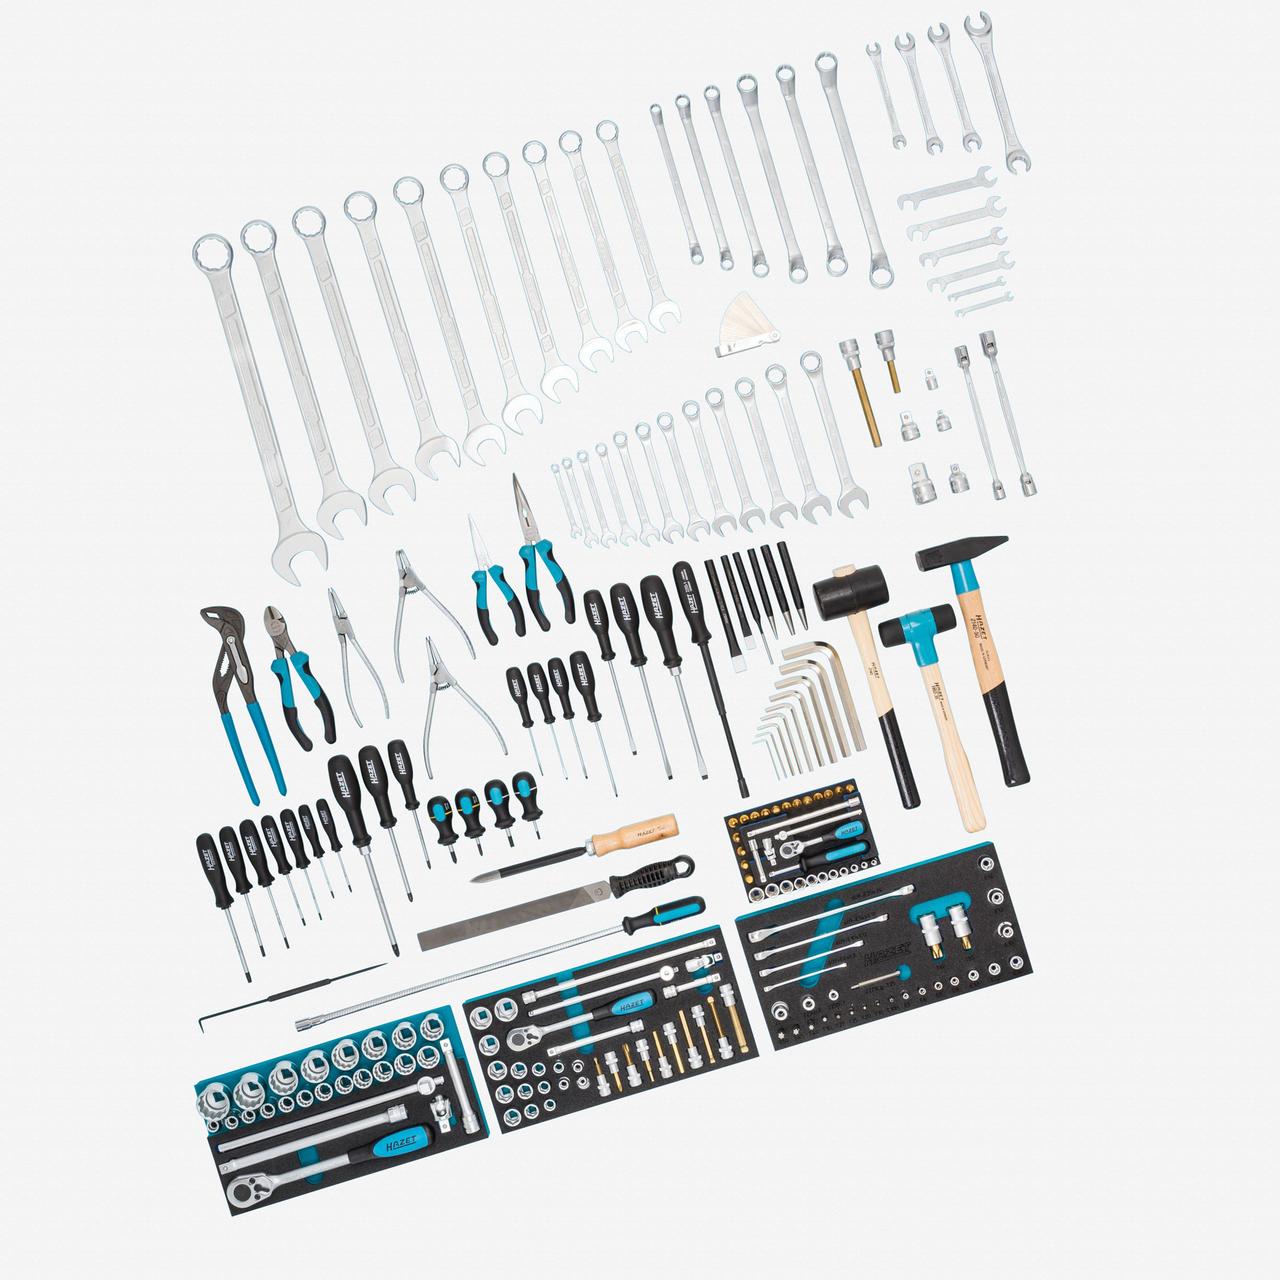 Kc 3300 Wiring Diagram   Wiring Liry Kc Relay Wiring Diagram on